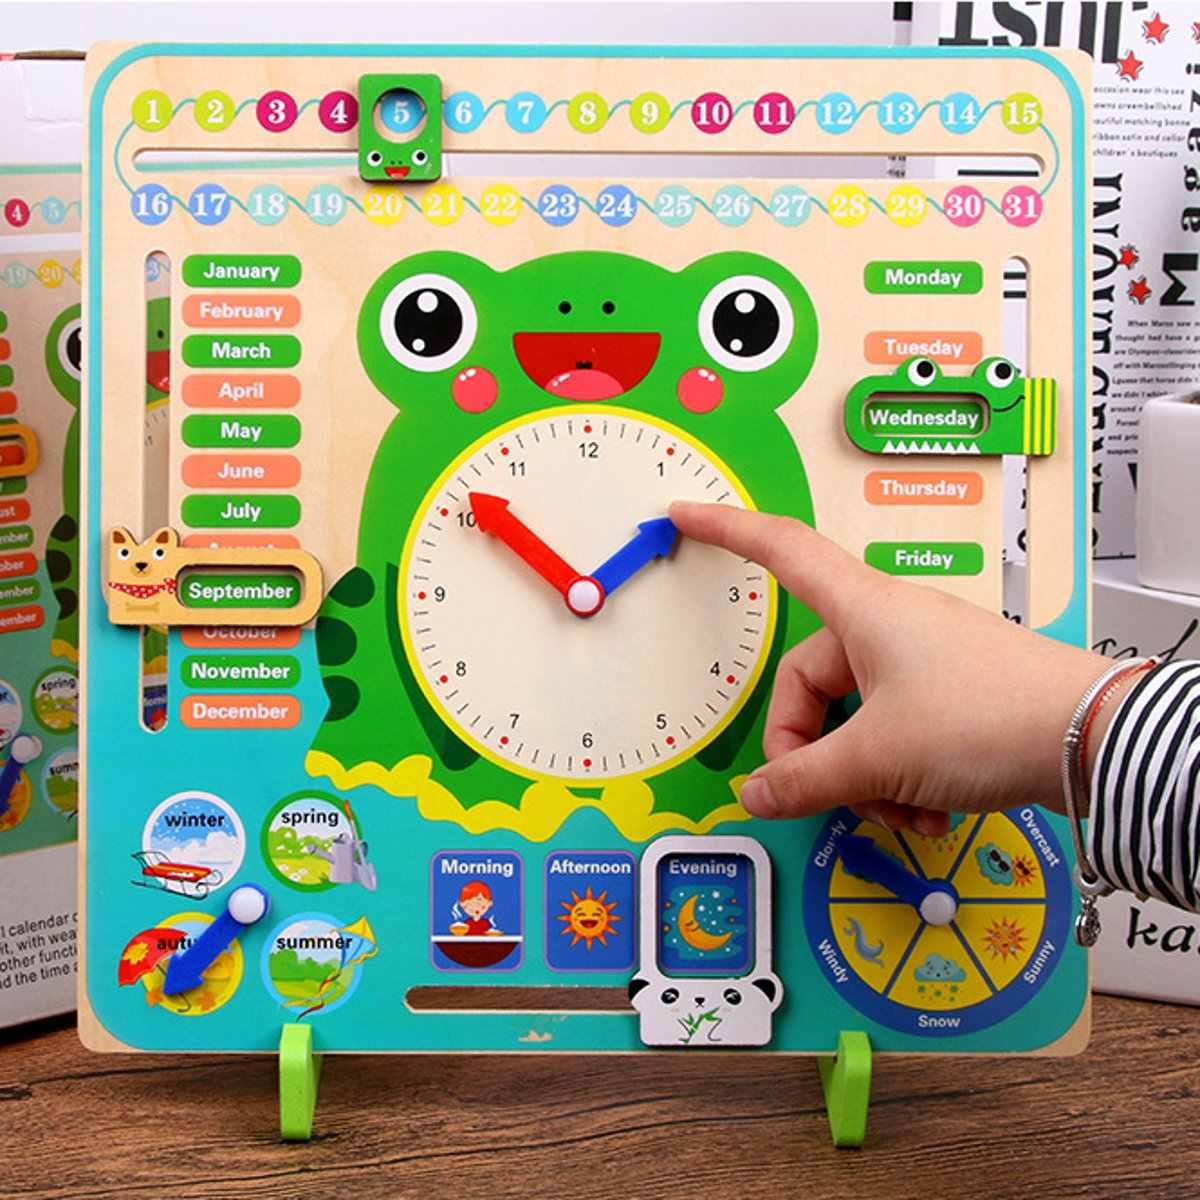 חינוכי עץ צעצוע ילדי בית ספר לוח שנה שעון מזג אוויר למידה לוח זמן קוגניטיבית צעצועי מתנות קוגניציה מונטסורי